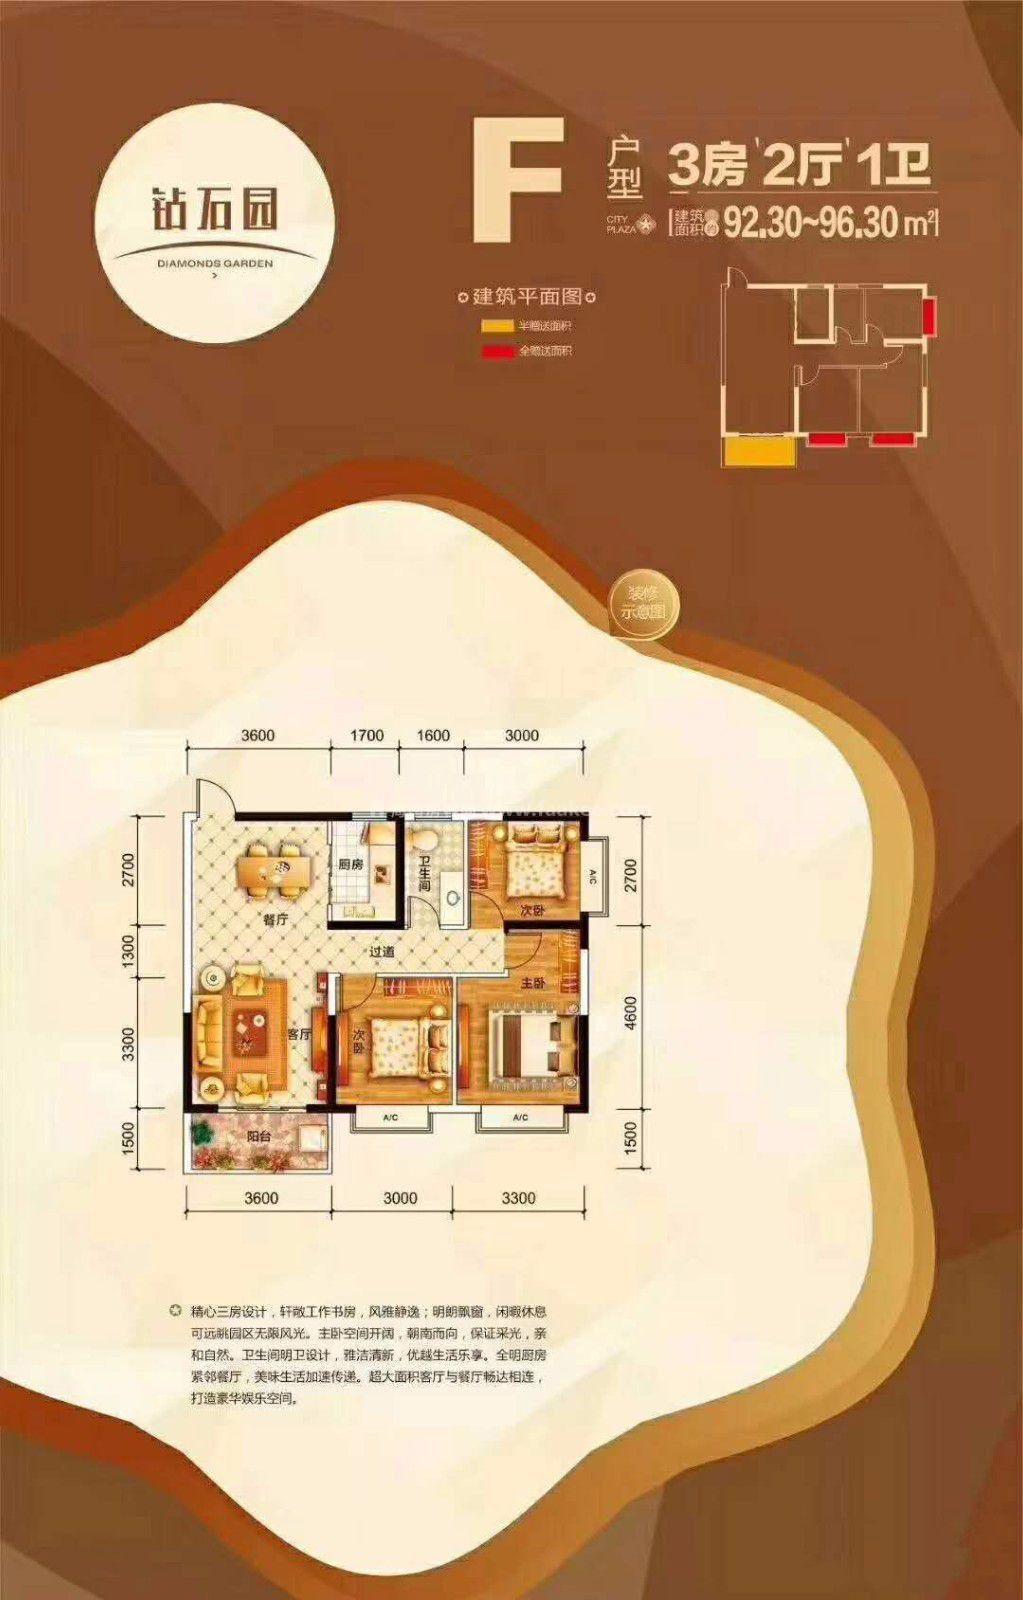 3室2厅1卫1厨 建筑面积92.30㎡